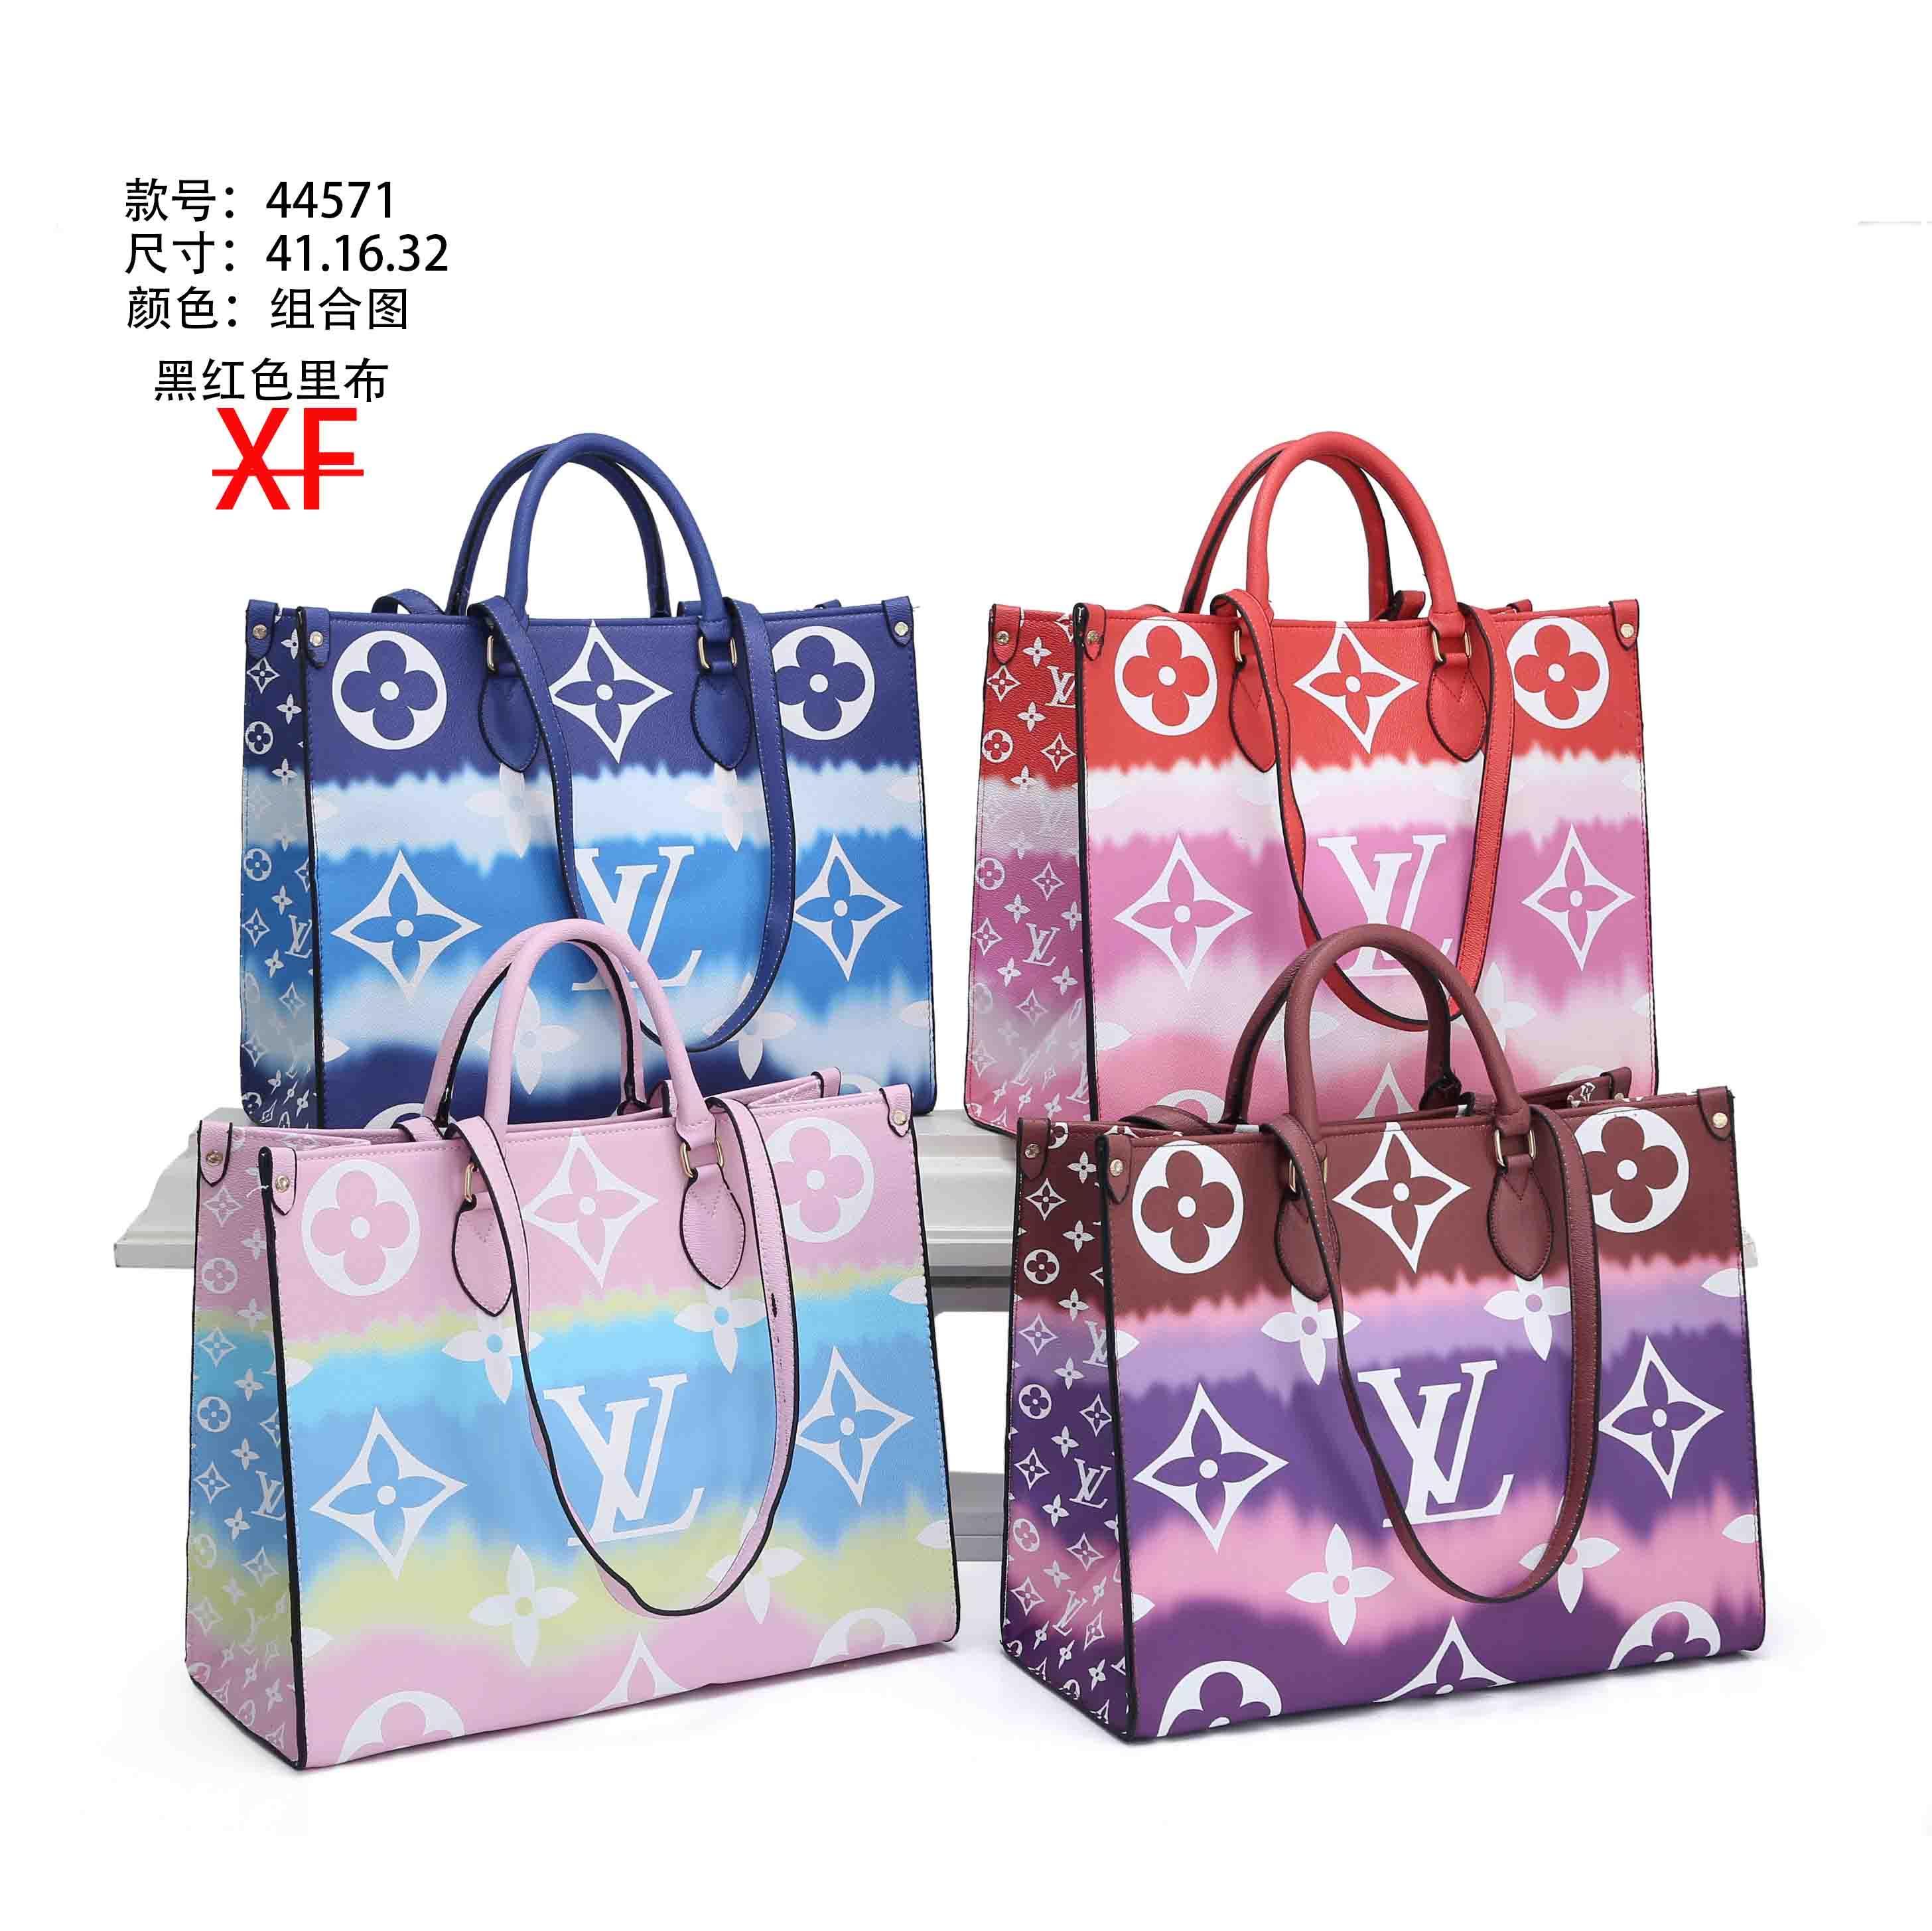 # 52651 Naverfull 5A + L diseñador cesta con V Mujeres moda bolsa de hombro Clásico Dama Mensajero bolsos del monedero de asas casual con bolsas de embrague